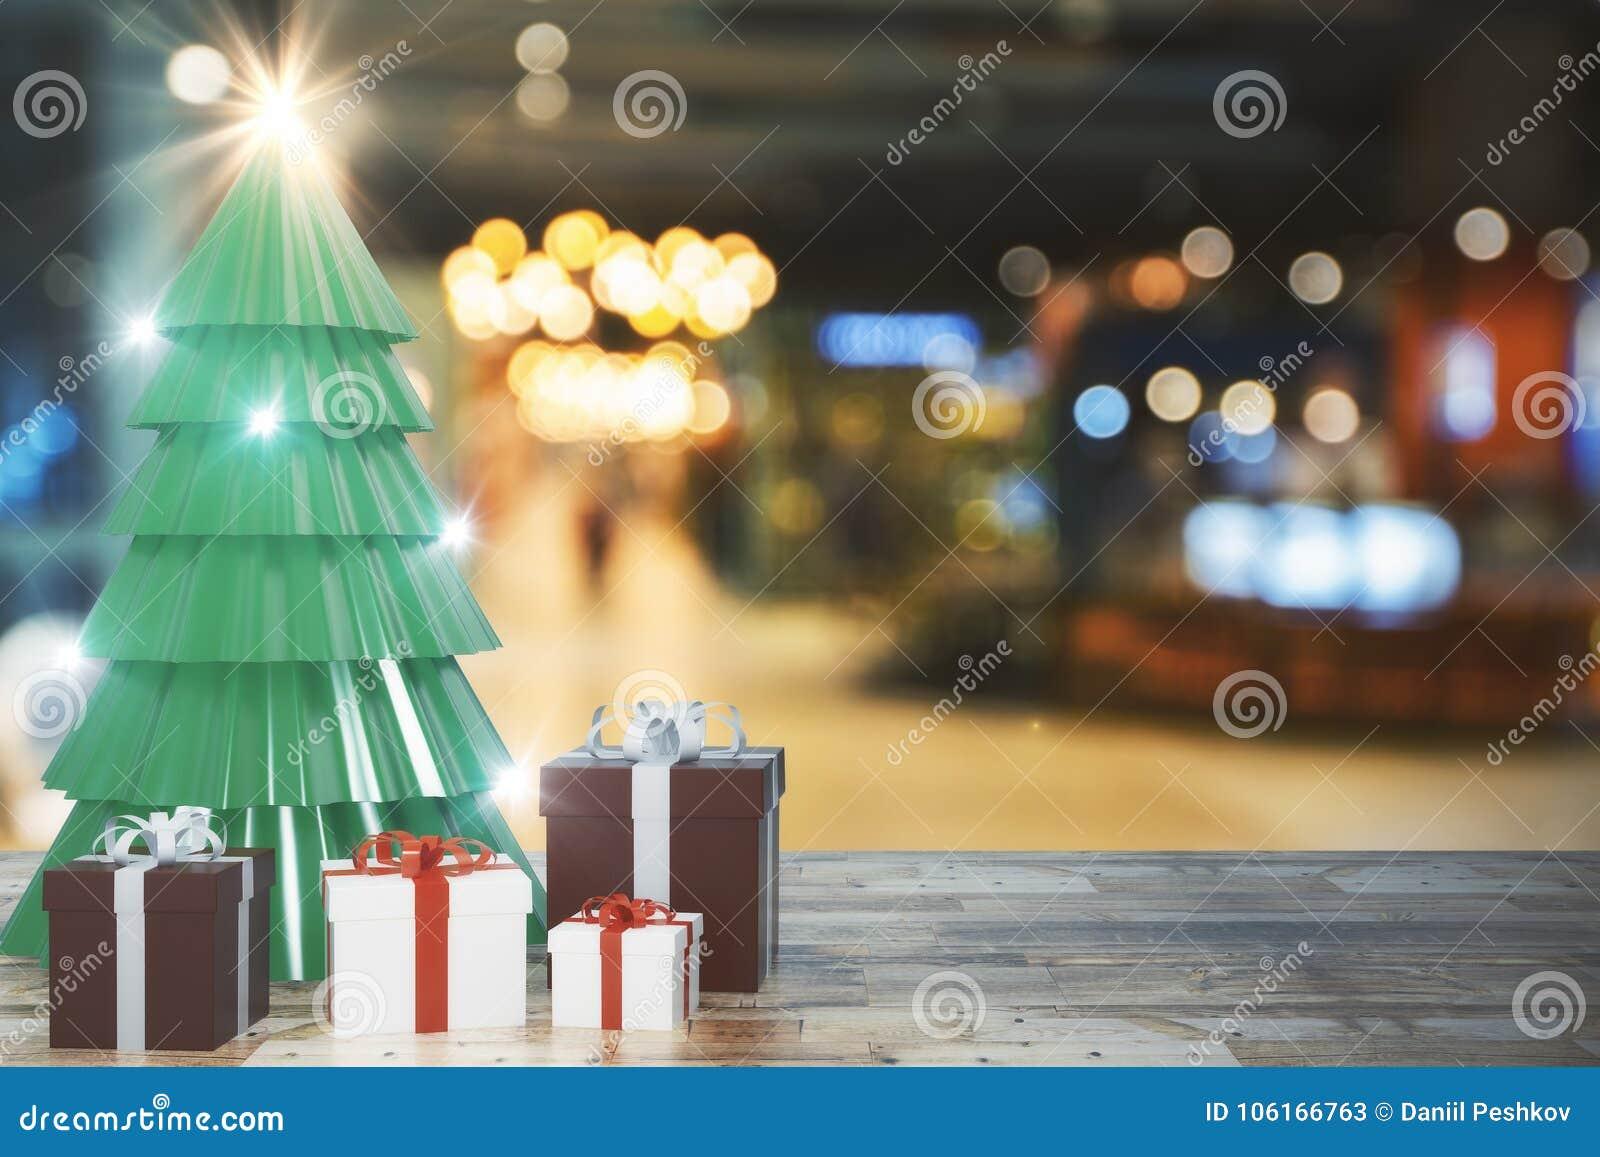 Kreativer Weihnachtsbaumhintergrund